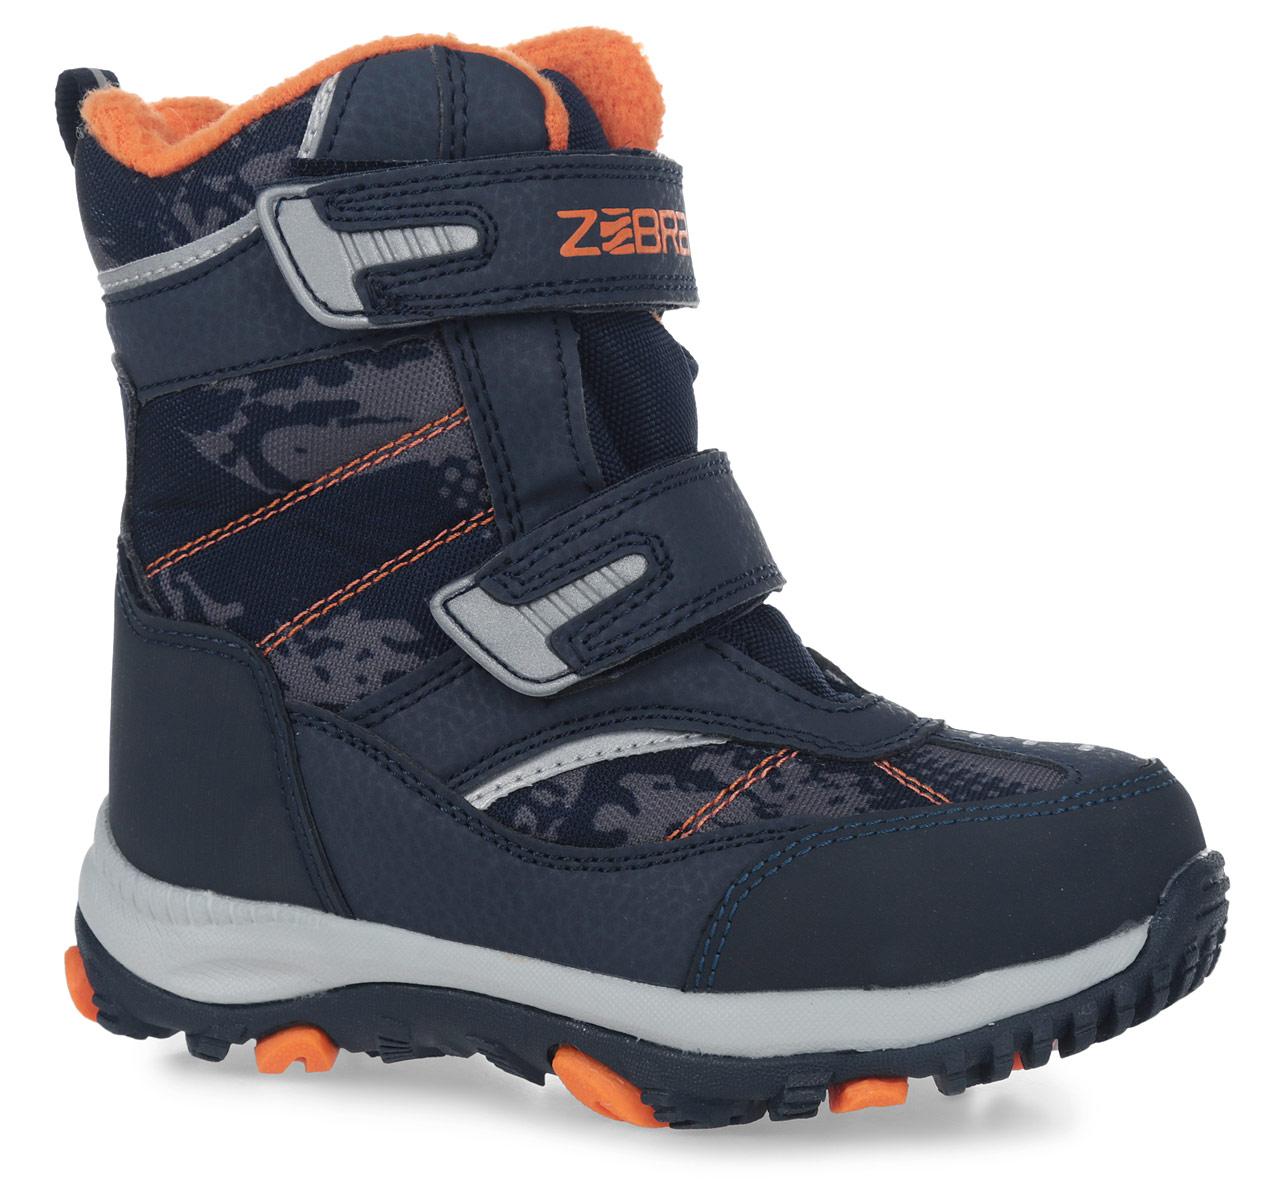 11019-10Полусапоги от Зебра выполнены из искусственной кожи и текстиля. Застежки-липучки надежно фиксируют изделие на ноге. Мягкая подкладка и стелька из шерсти обеспечивают тепло, циркуляцию воздуха и сохраняют комфортный микроклимат в обуви.